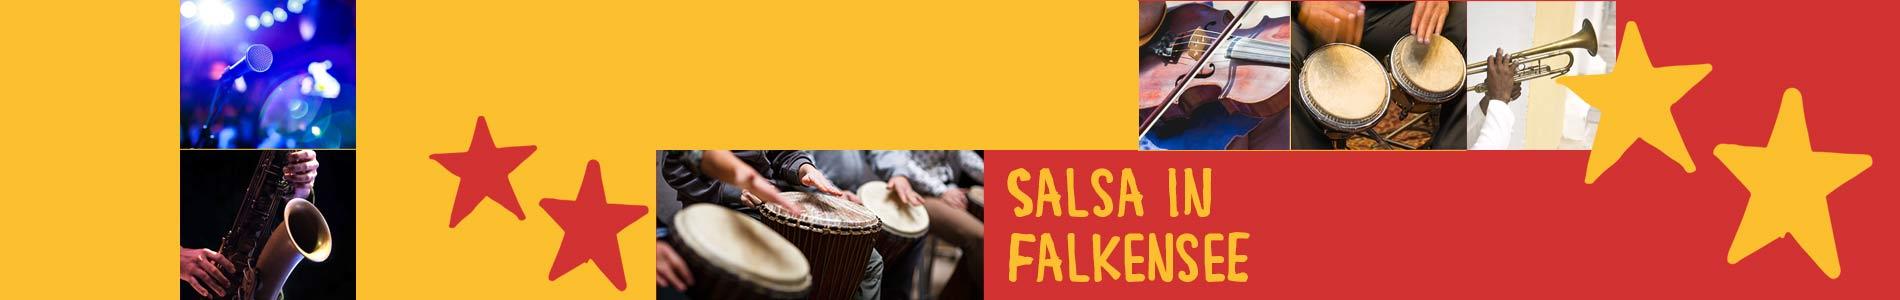 Salsa in Falkensee – Salsa lernen und tanzen, Tanzkurse, Partys, Veranstaltungen